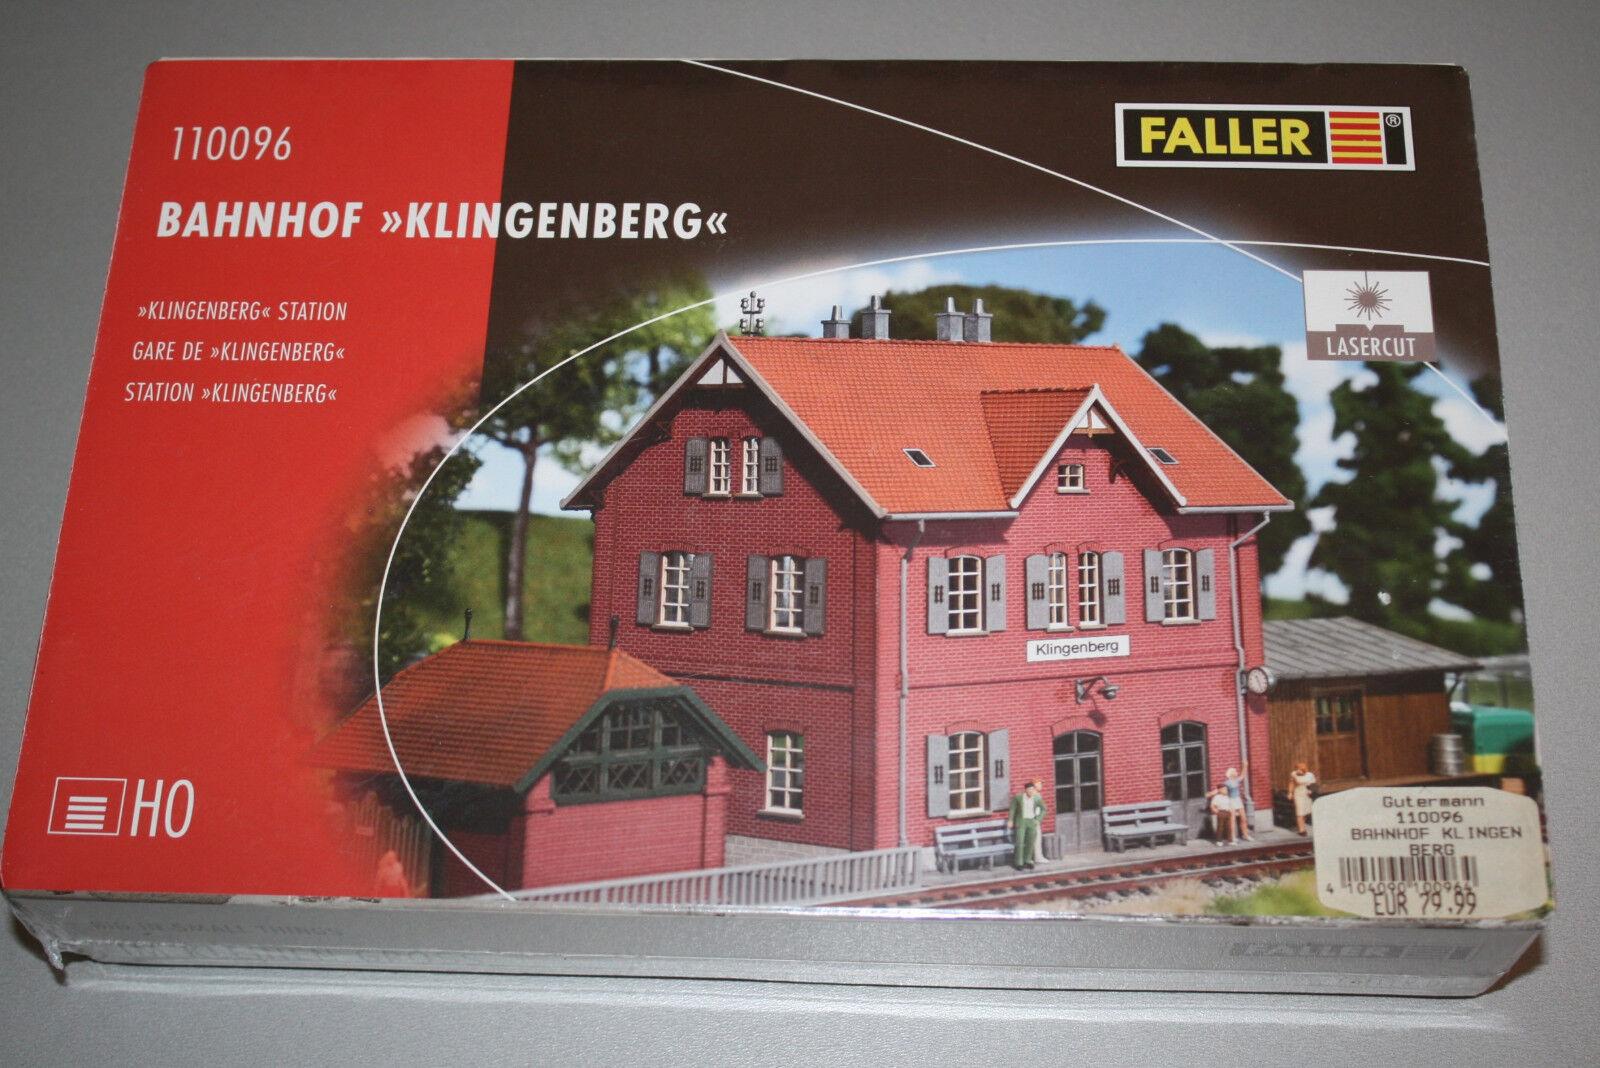 Faller 110096 Kit Lasercut stazione ferroviaria lame montagna traccia h0 OVP